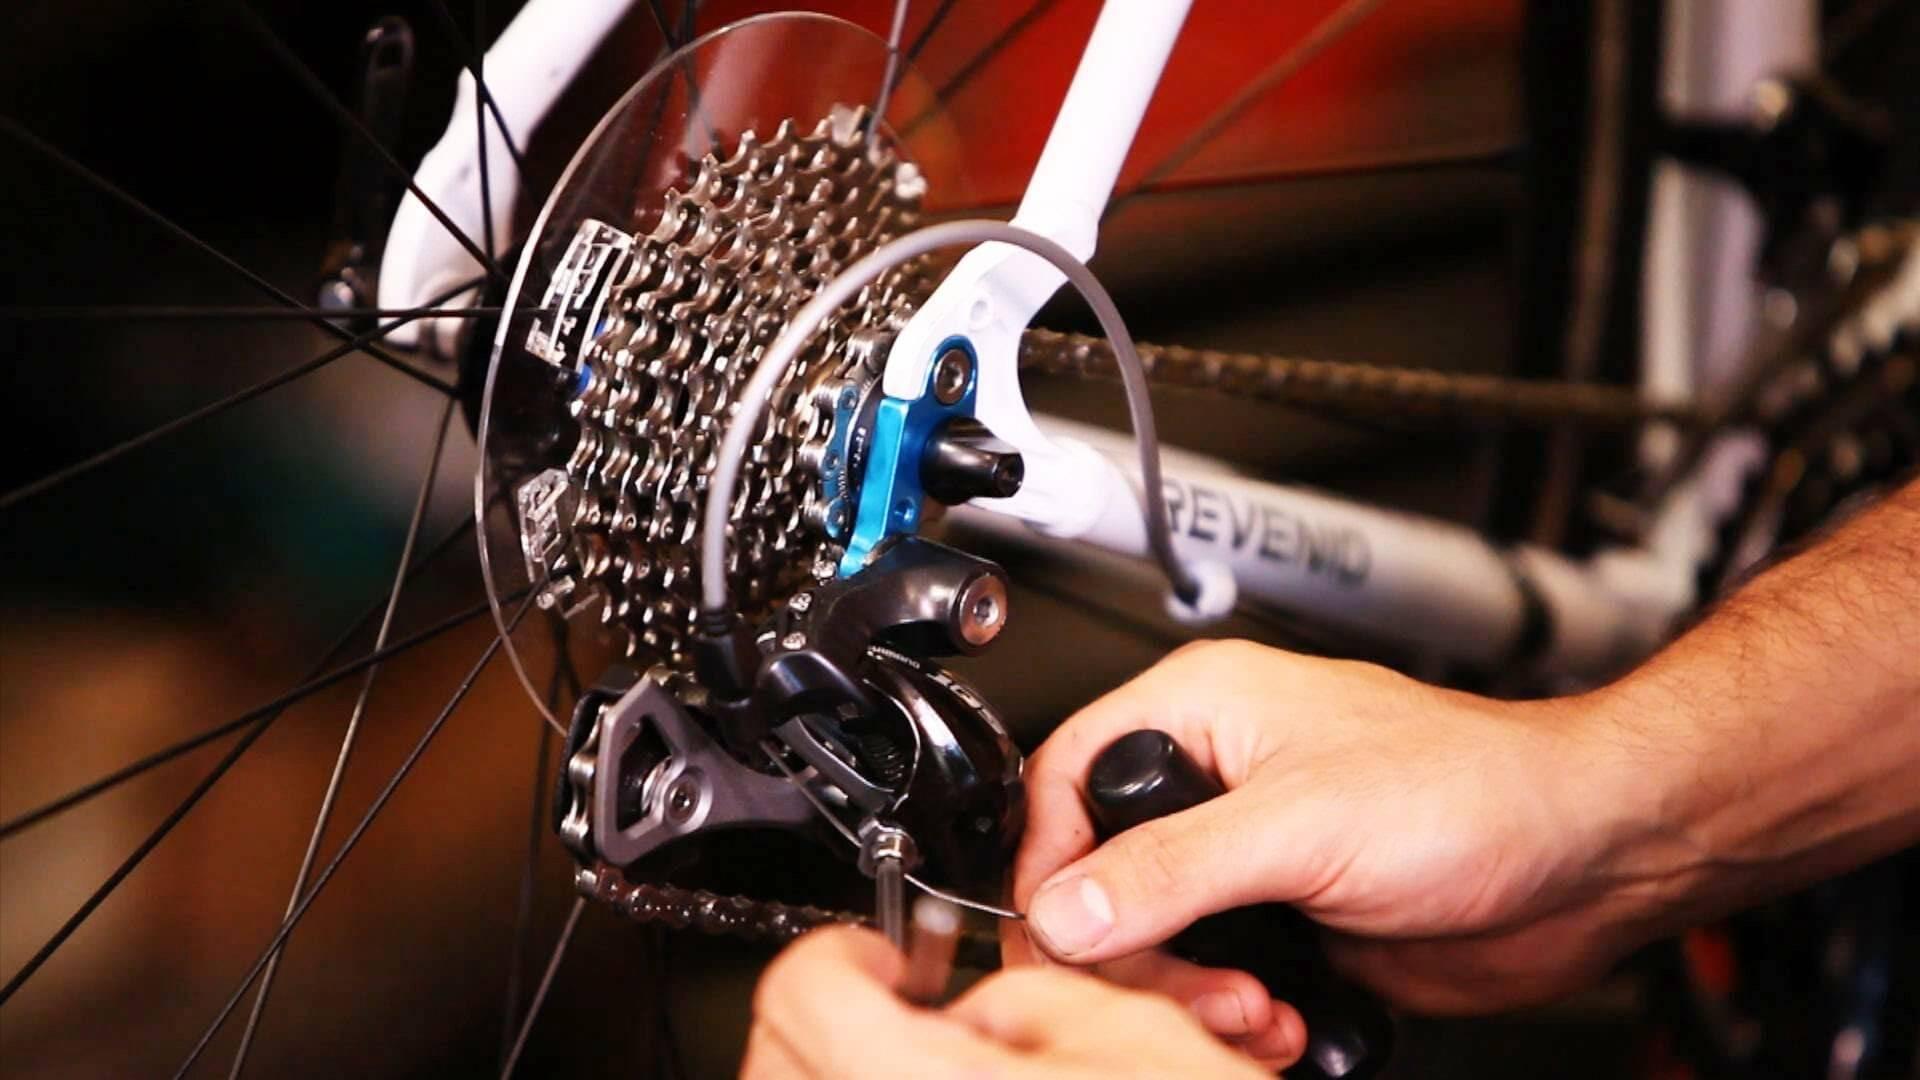 U kunt uw fiets opknappen door de derailleur aan te spannen